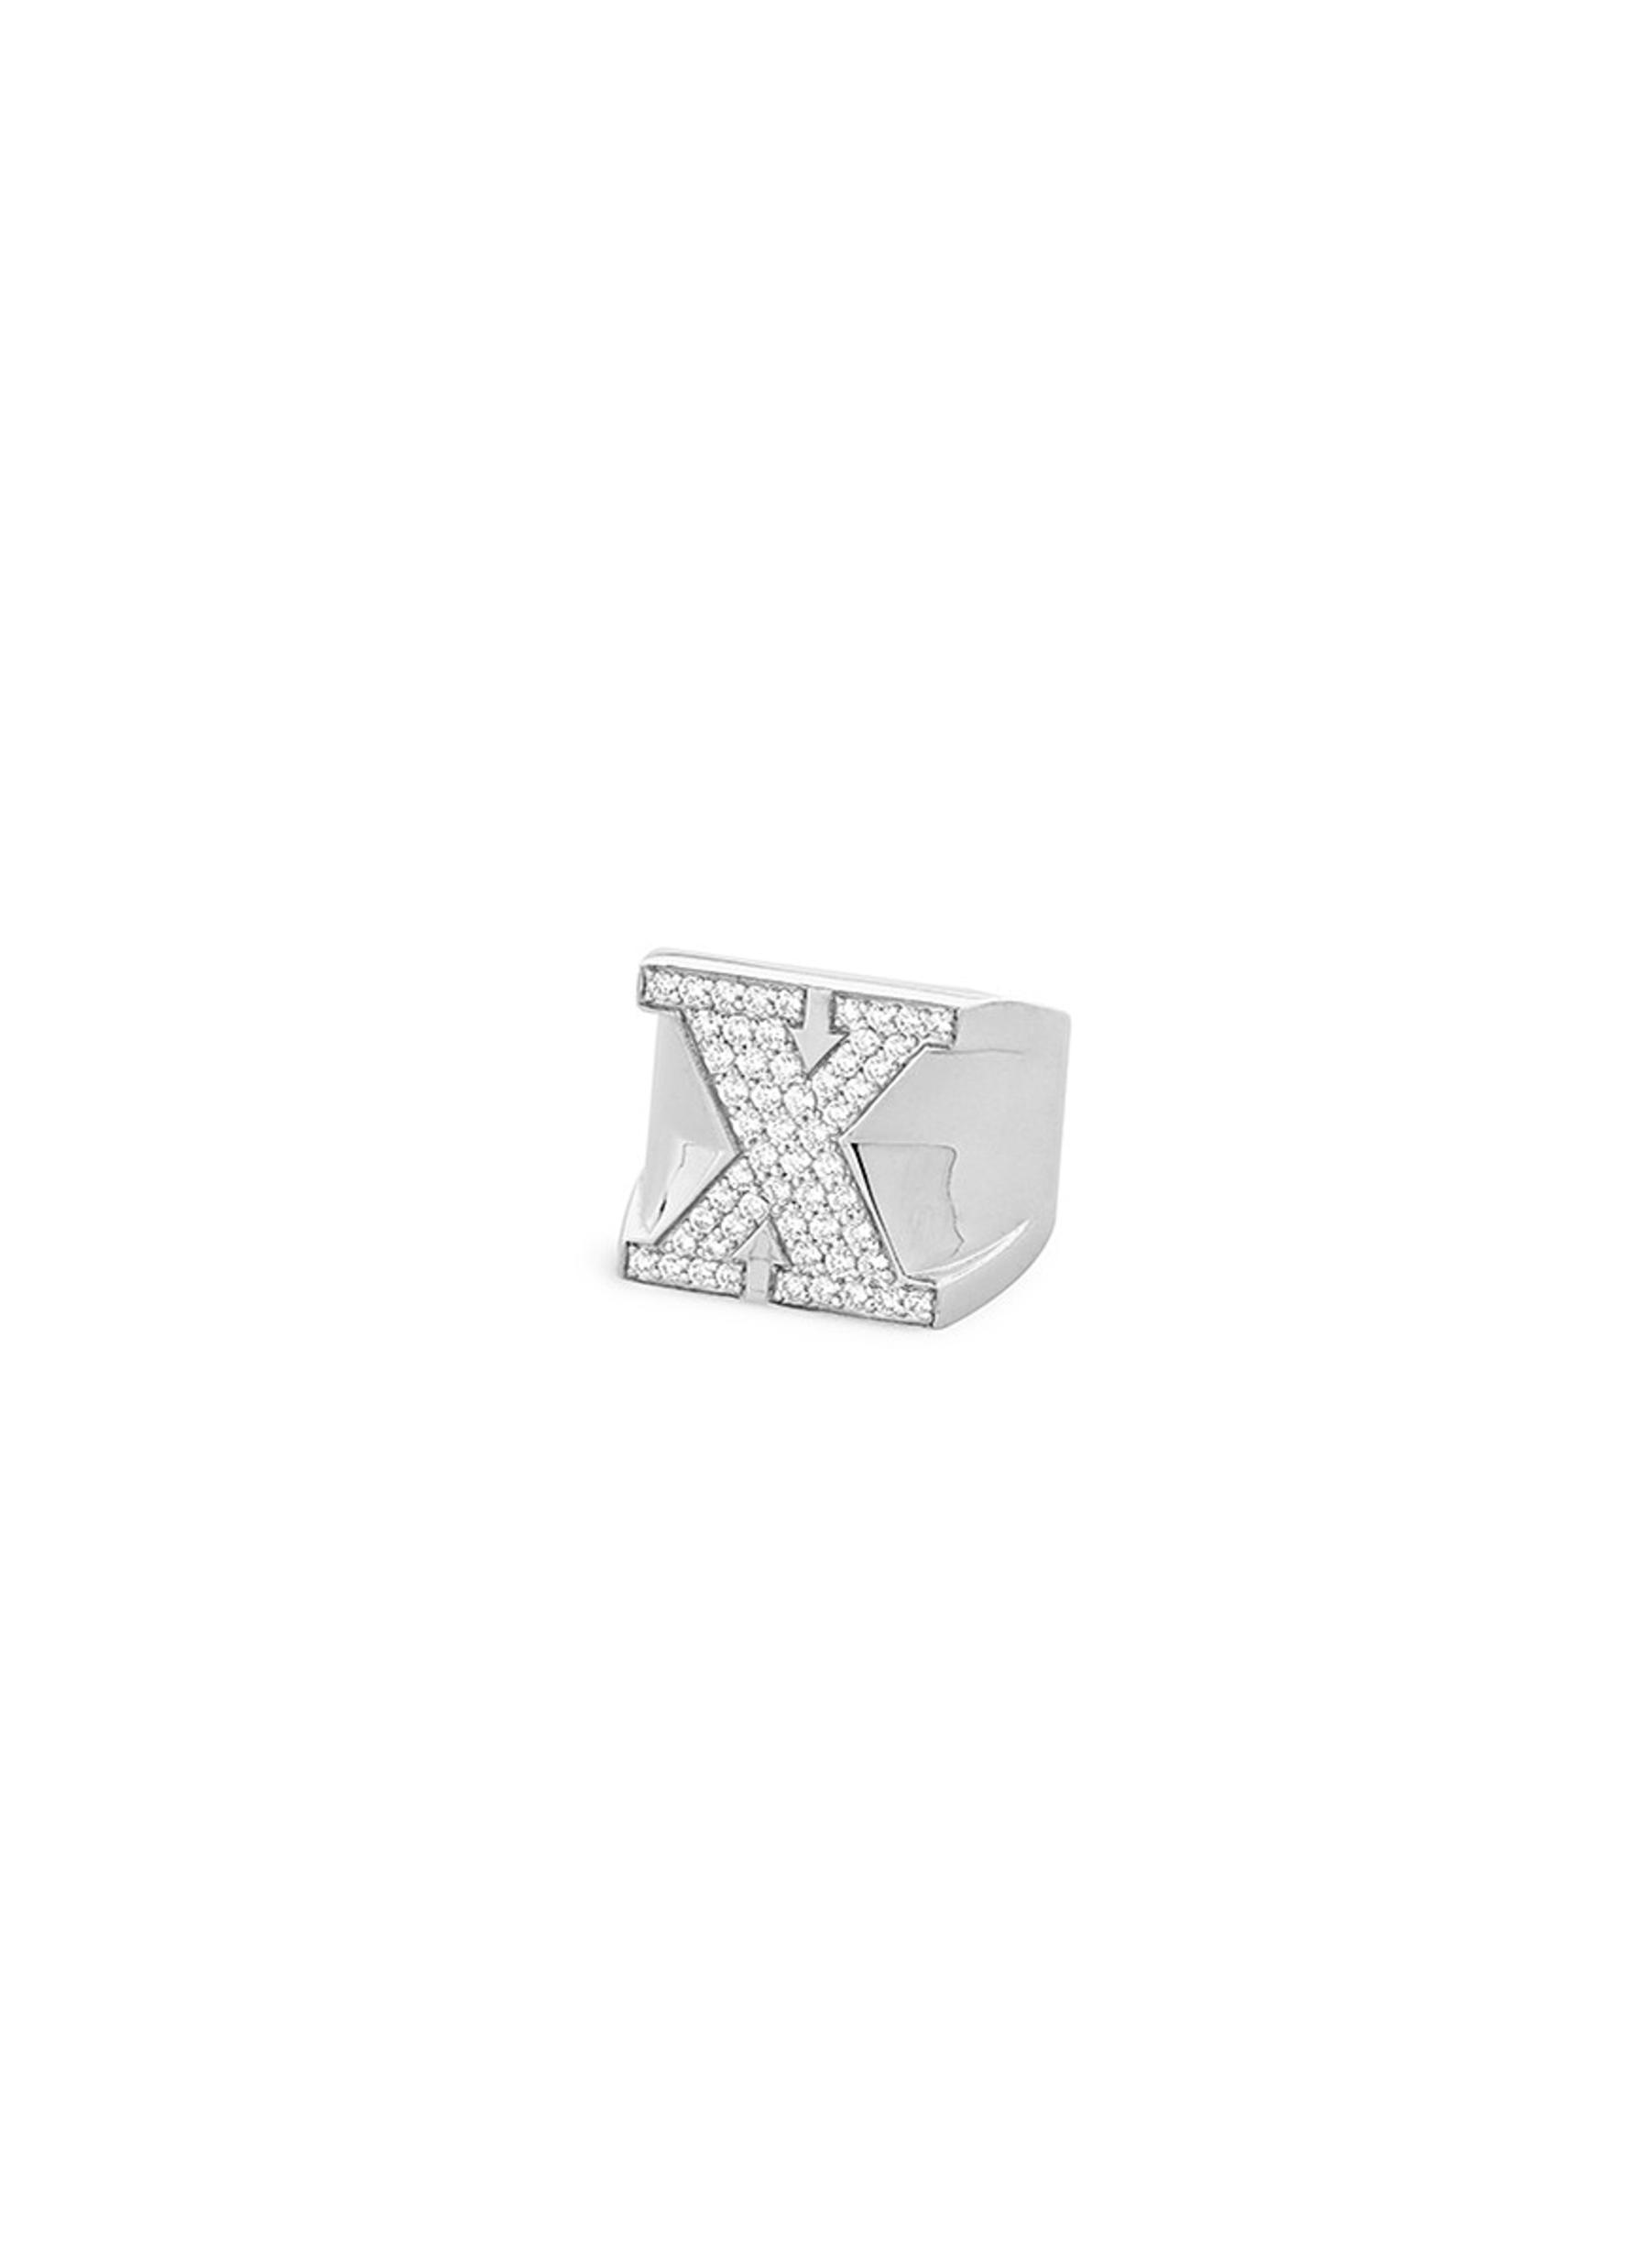 Pavé X diamond sterling silver ring by Lynn Ban